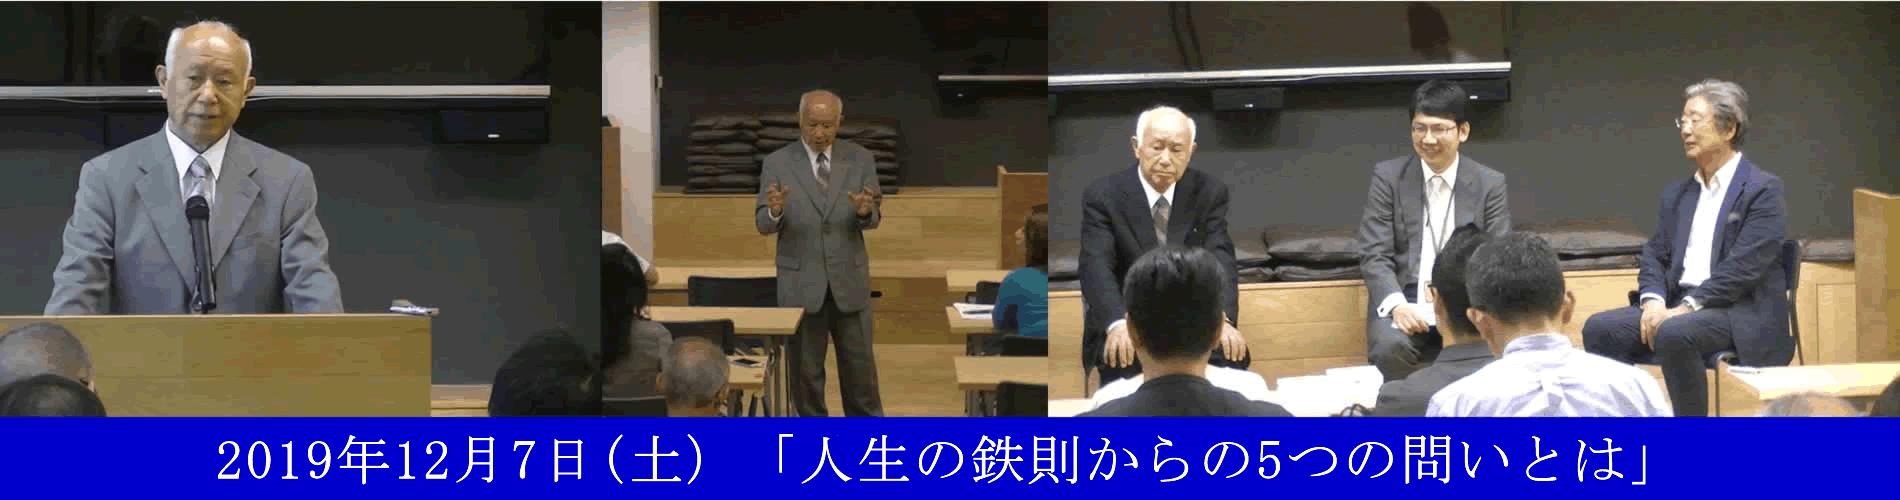 東京思風塾